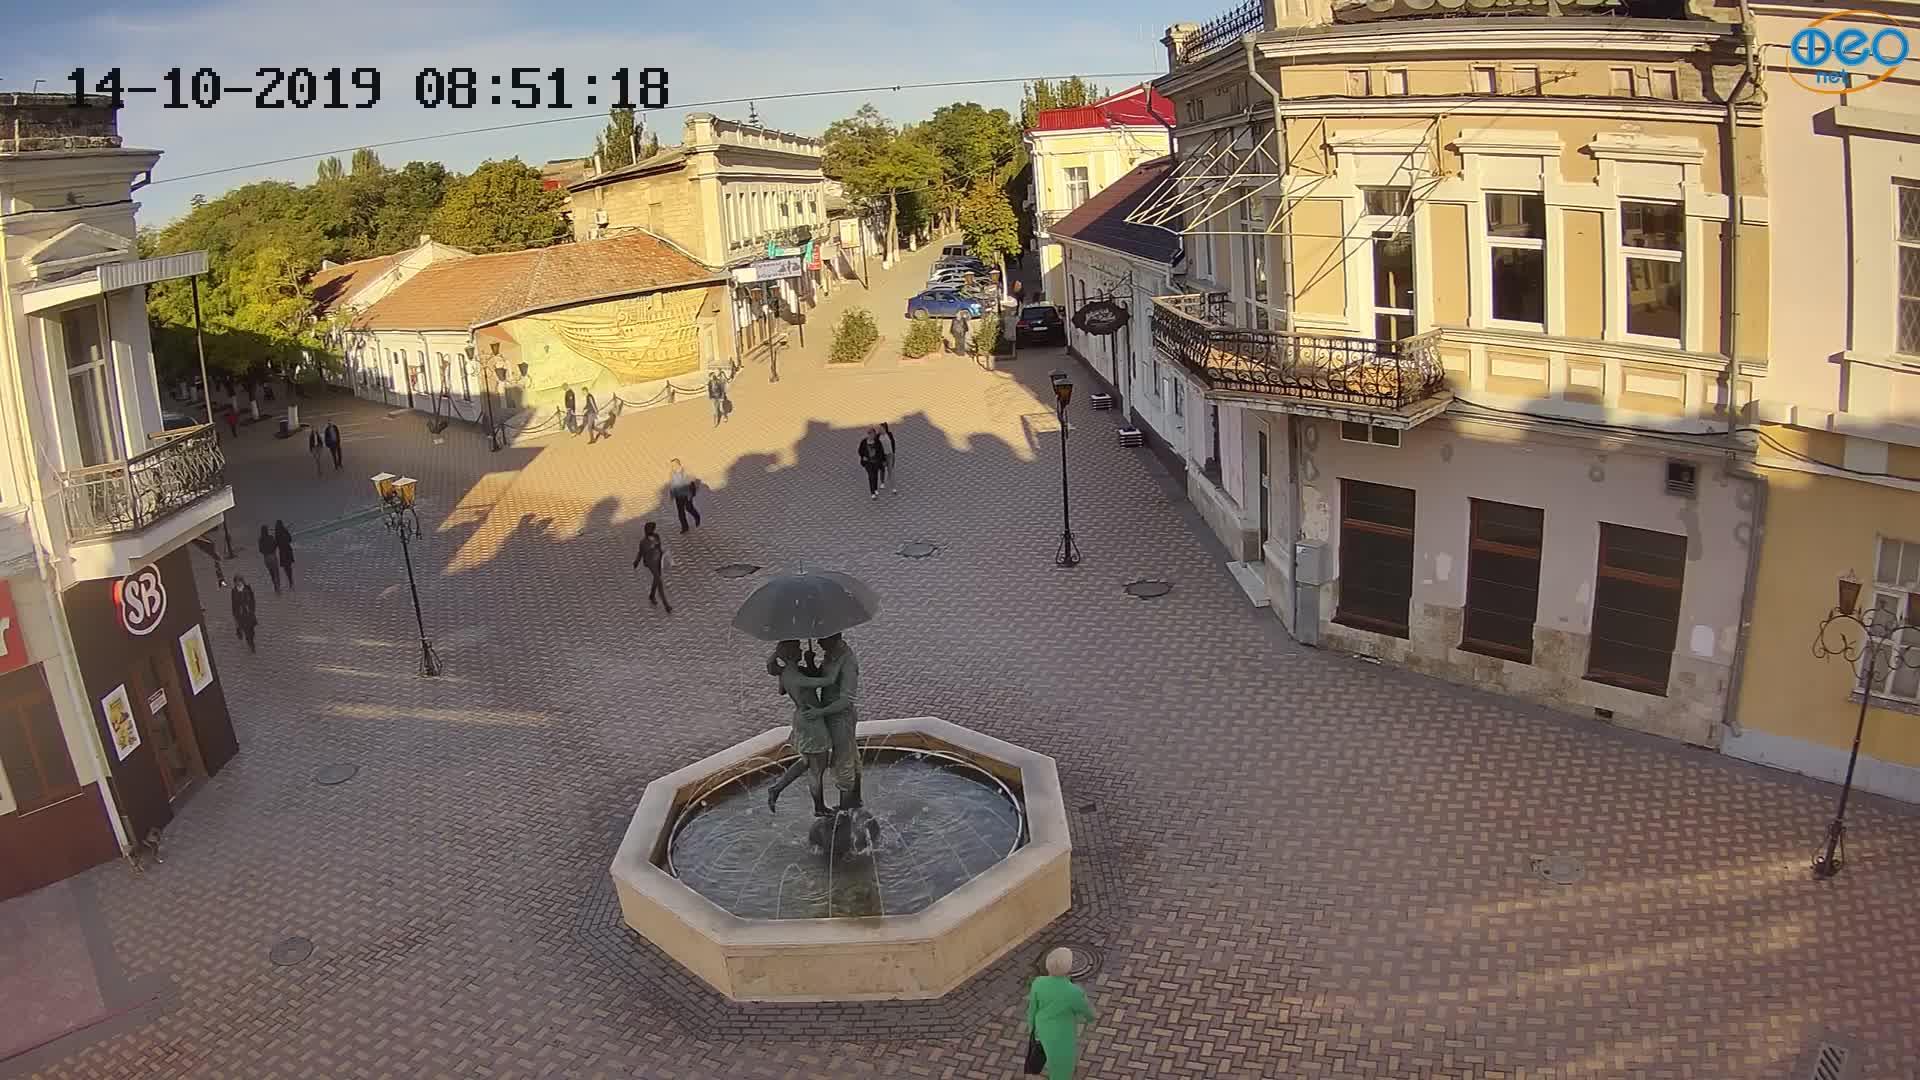 Веб-камеры Феодосии, Панно Бригантина (Камера со звуком.), 2019-10-14 09:23:09